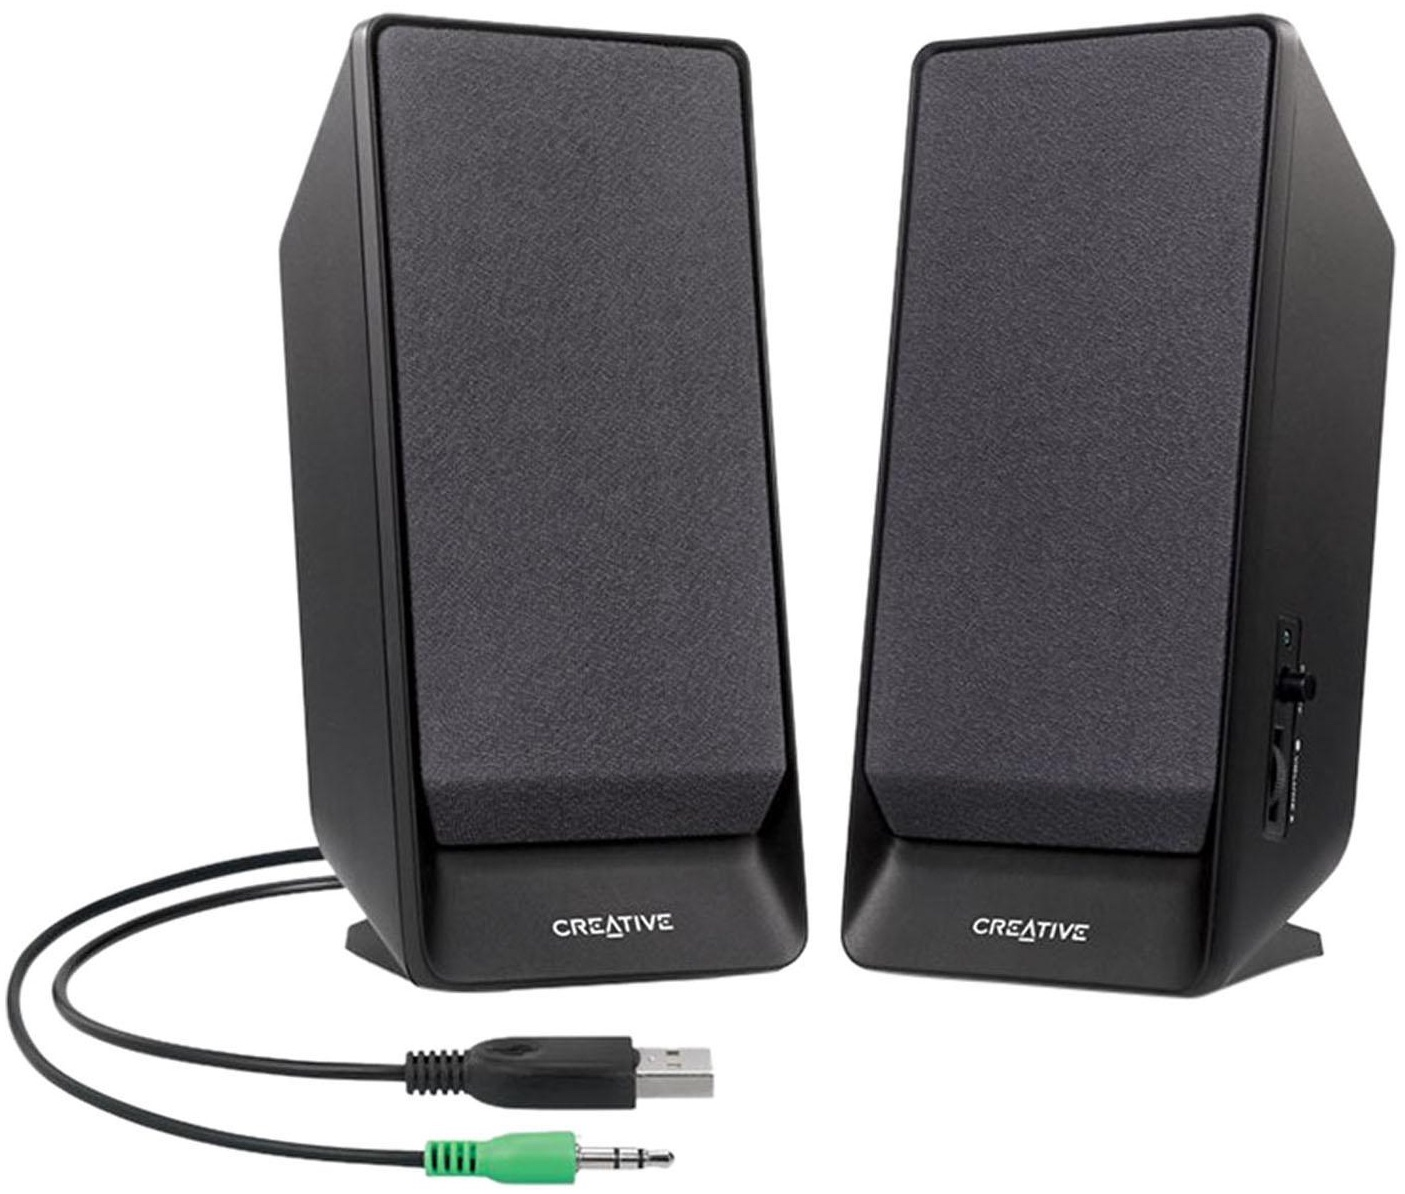 Компьютерная акустика Creative SBS A50 2.0, Black, USB, 51MF1675AA001, черный